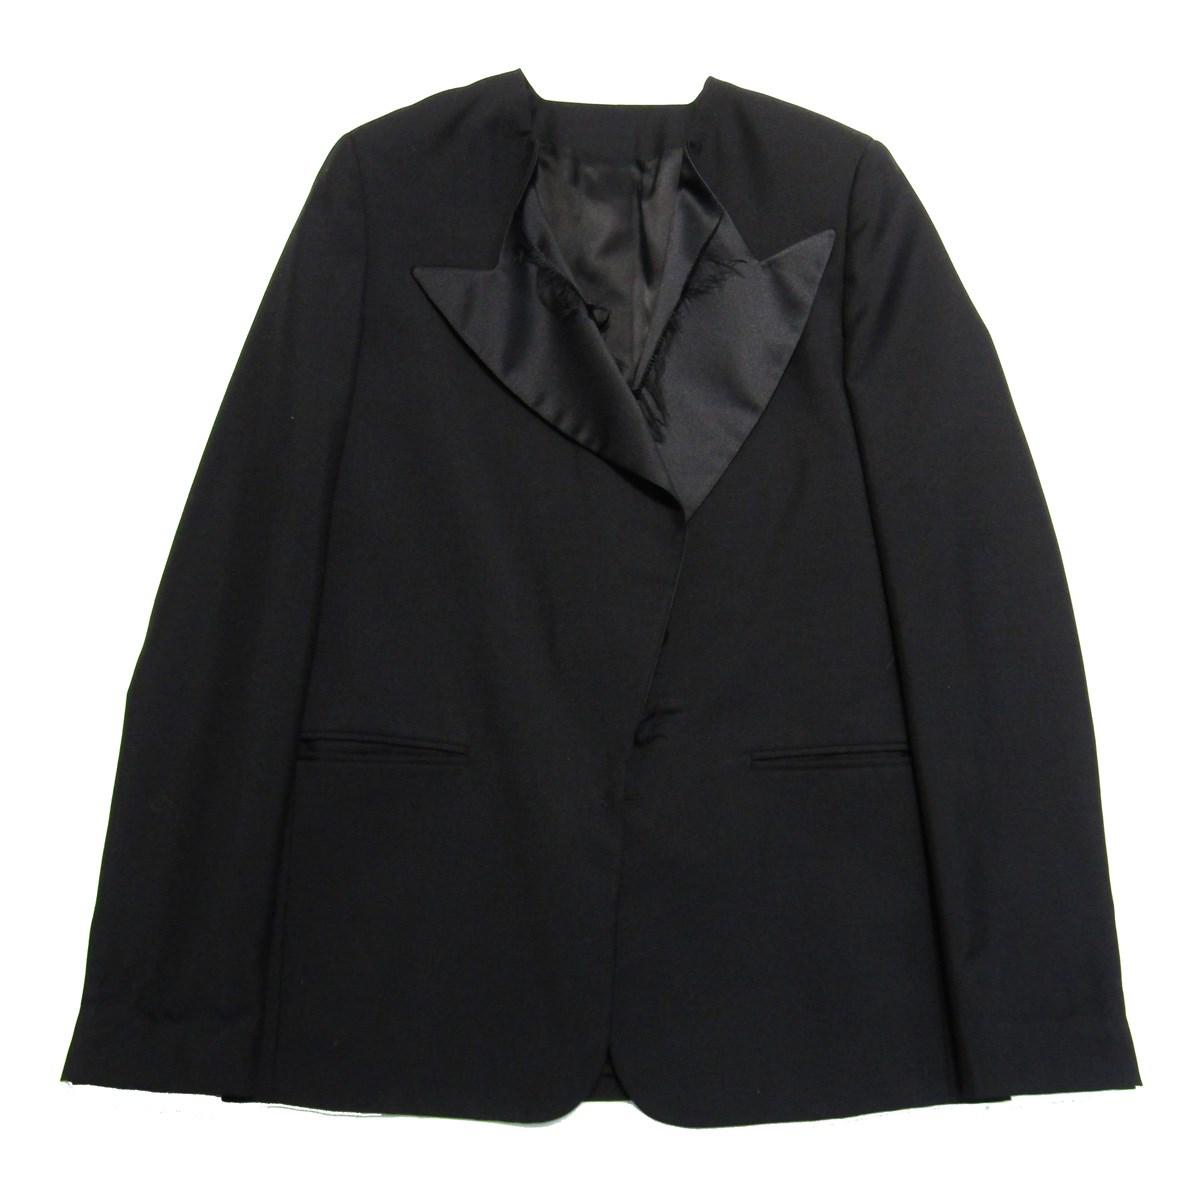 【中古】ACNE STUDIOS Cast Shark Lt Tux Jacket テーラードジャケット ブラック サイズ:34 【240220】(アクネストゥディオズ)